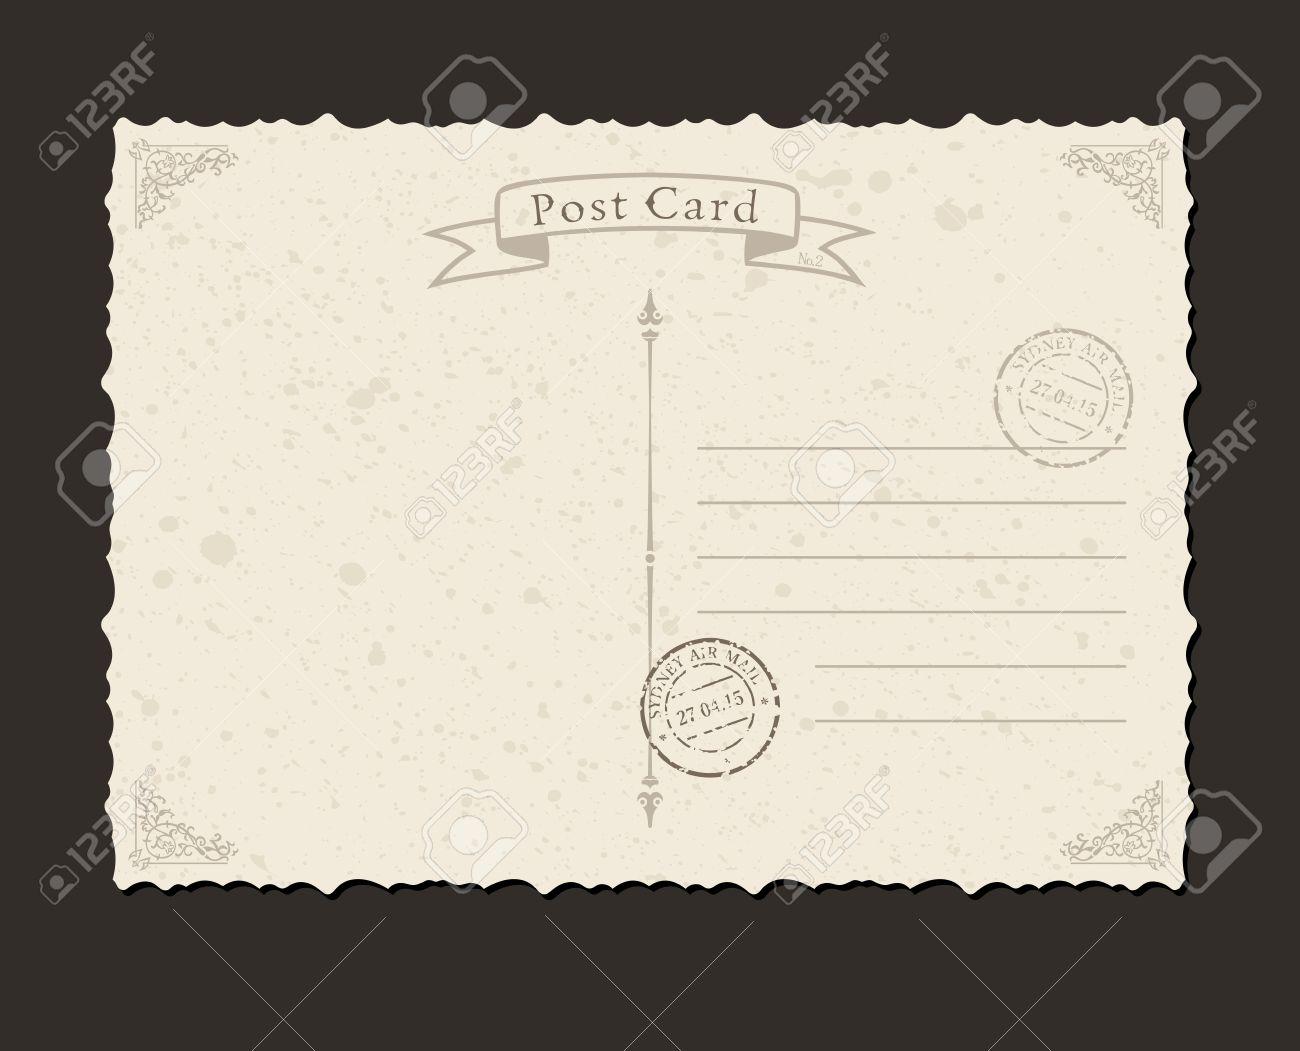 Grunge postcard and postage stamp. Design envelopes and letter - 40022109